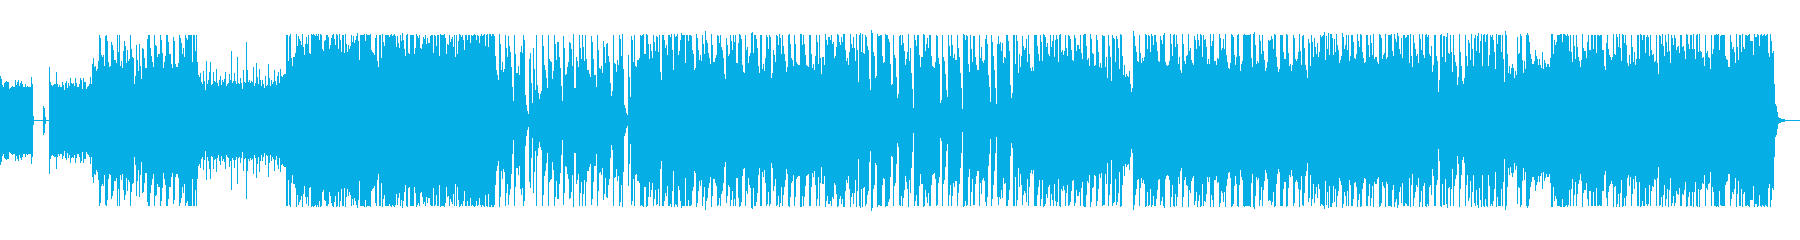 パワフルで力強いハードロックの再生済みの波形